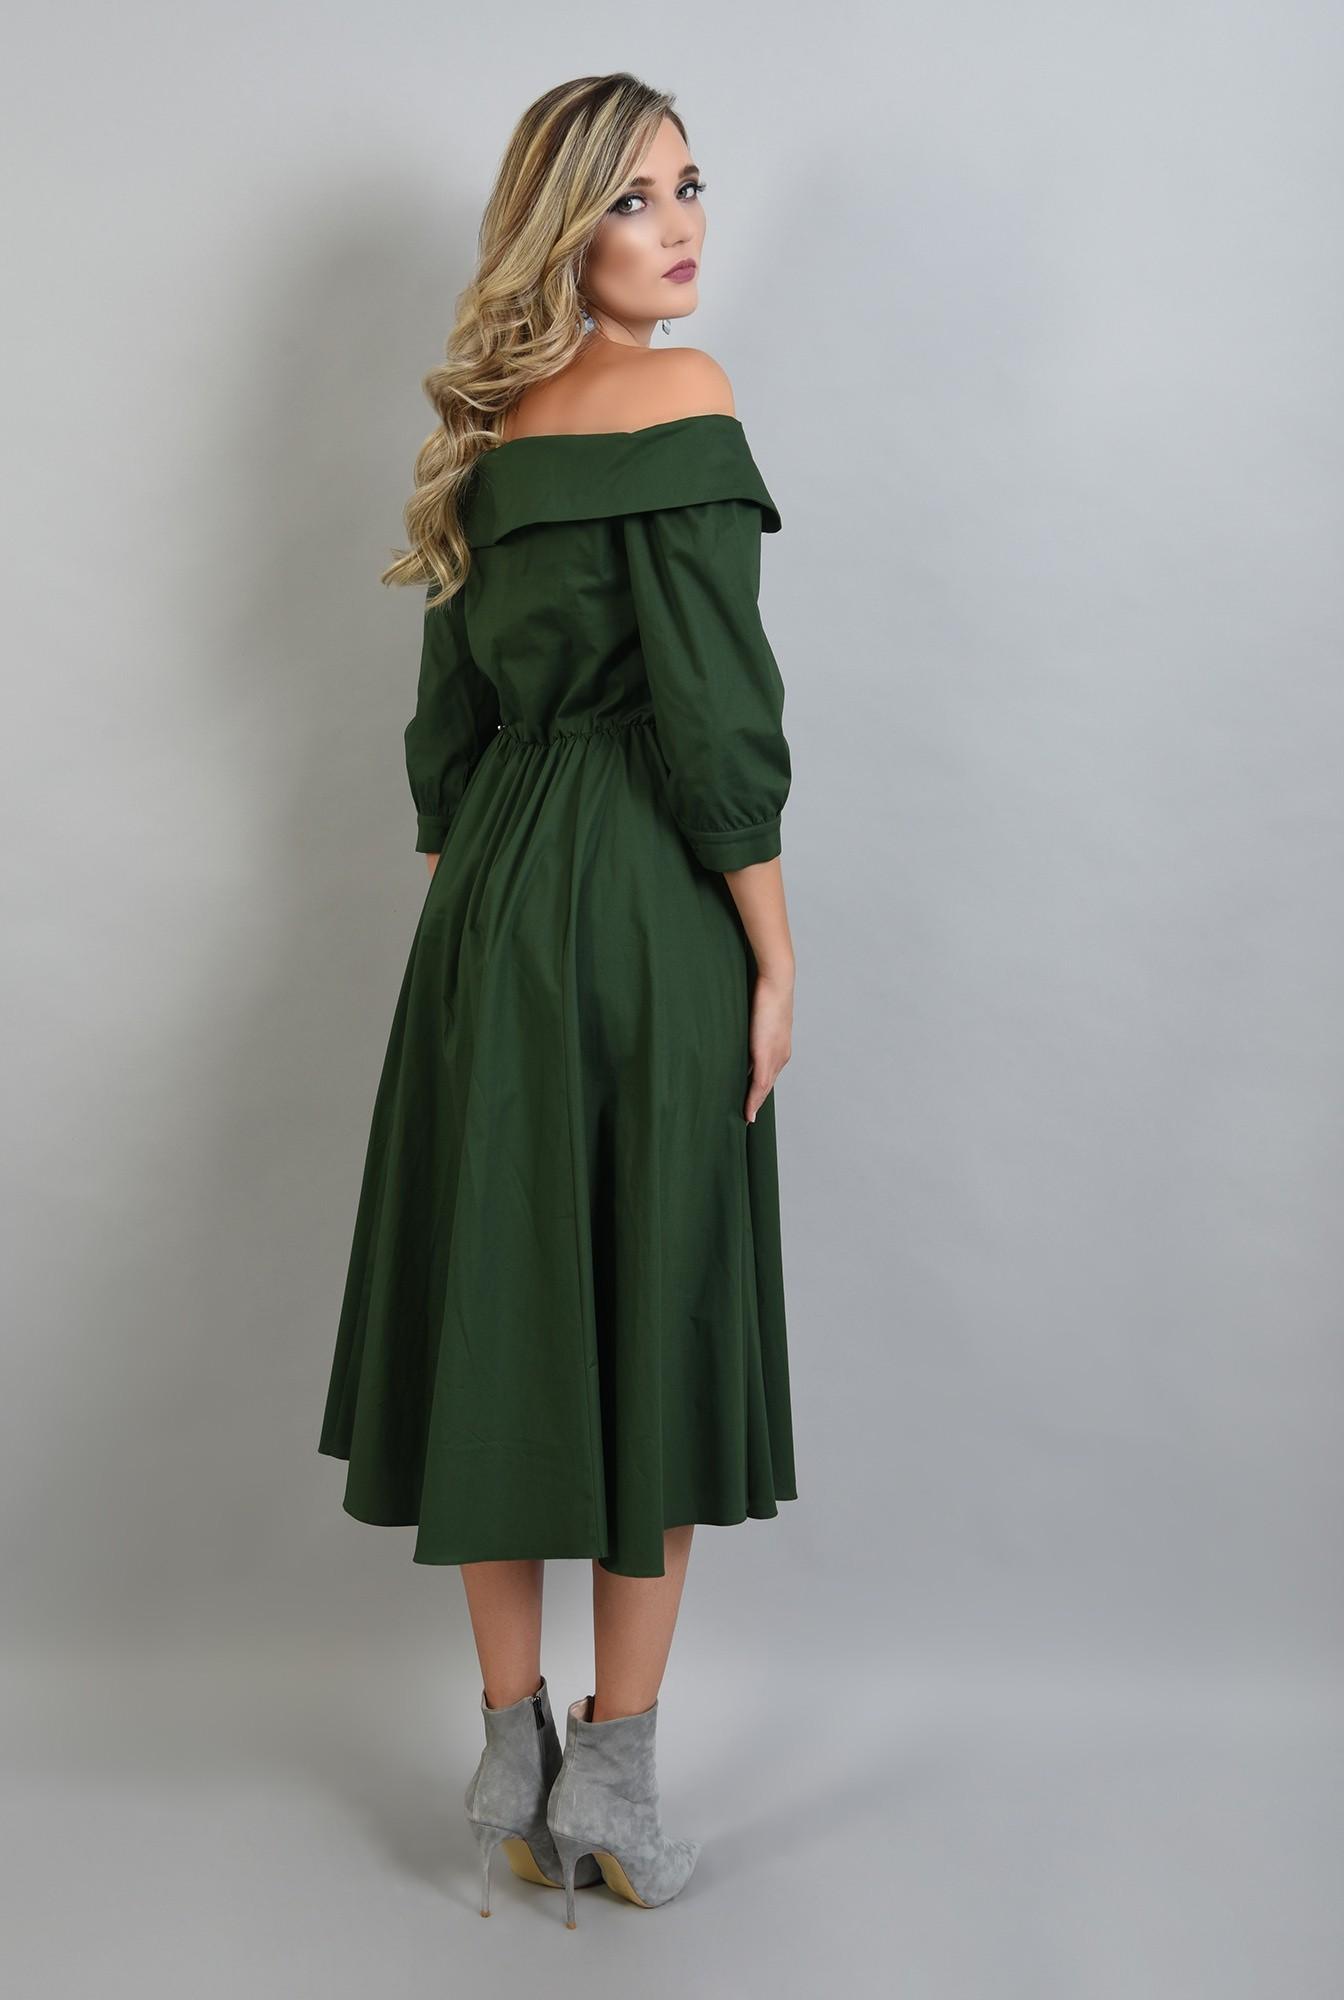 1 - 360 - rochie verde midi, evazata, Poema